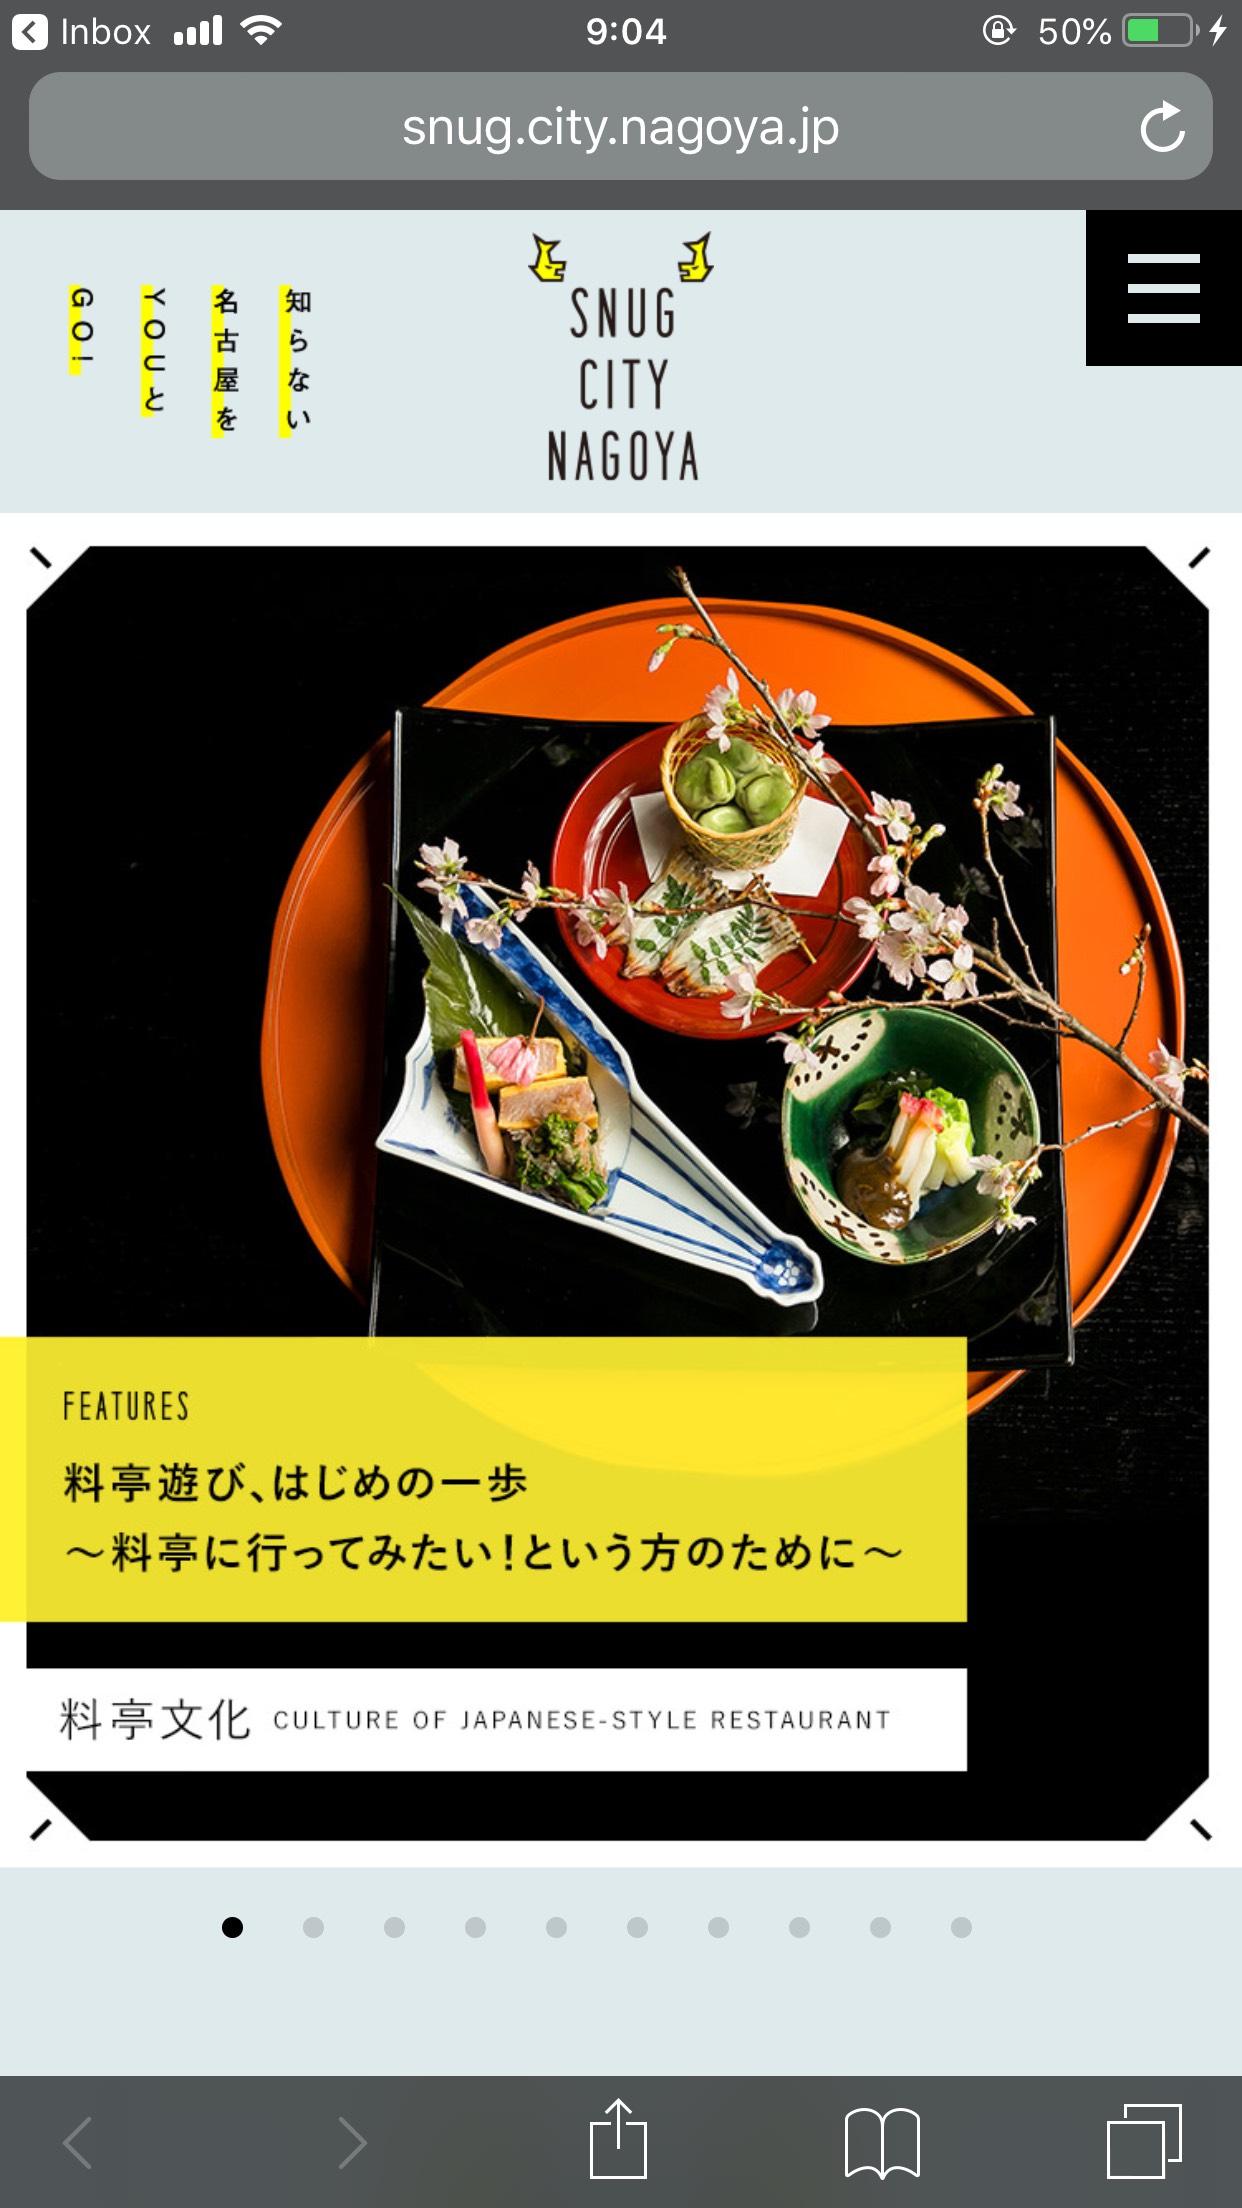 名古屋の魅力を発信するサイト